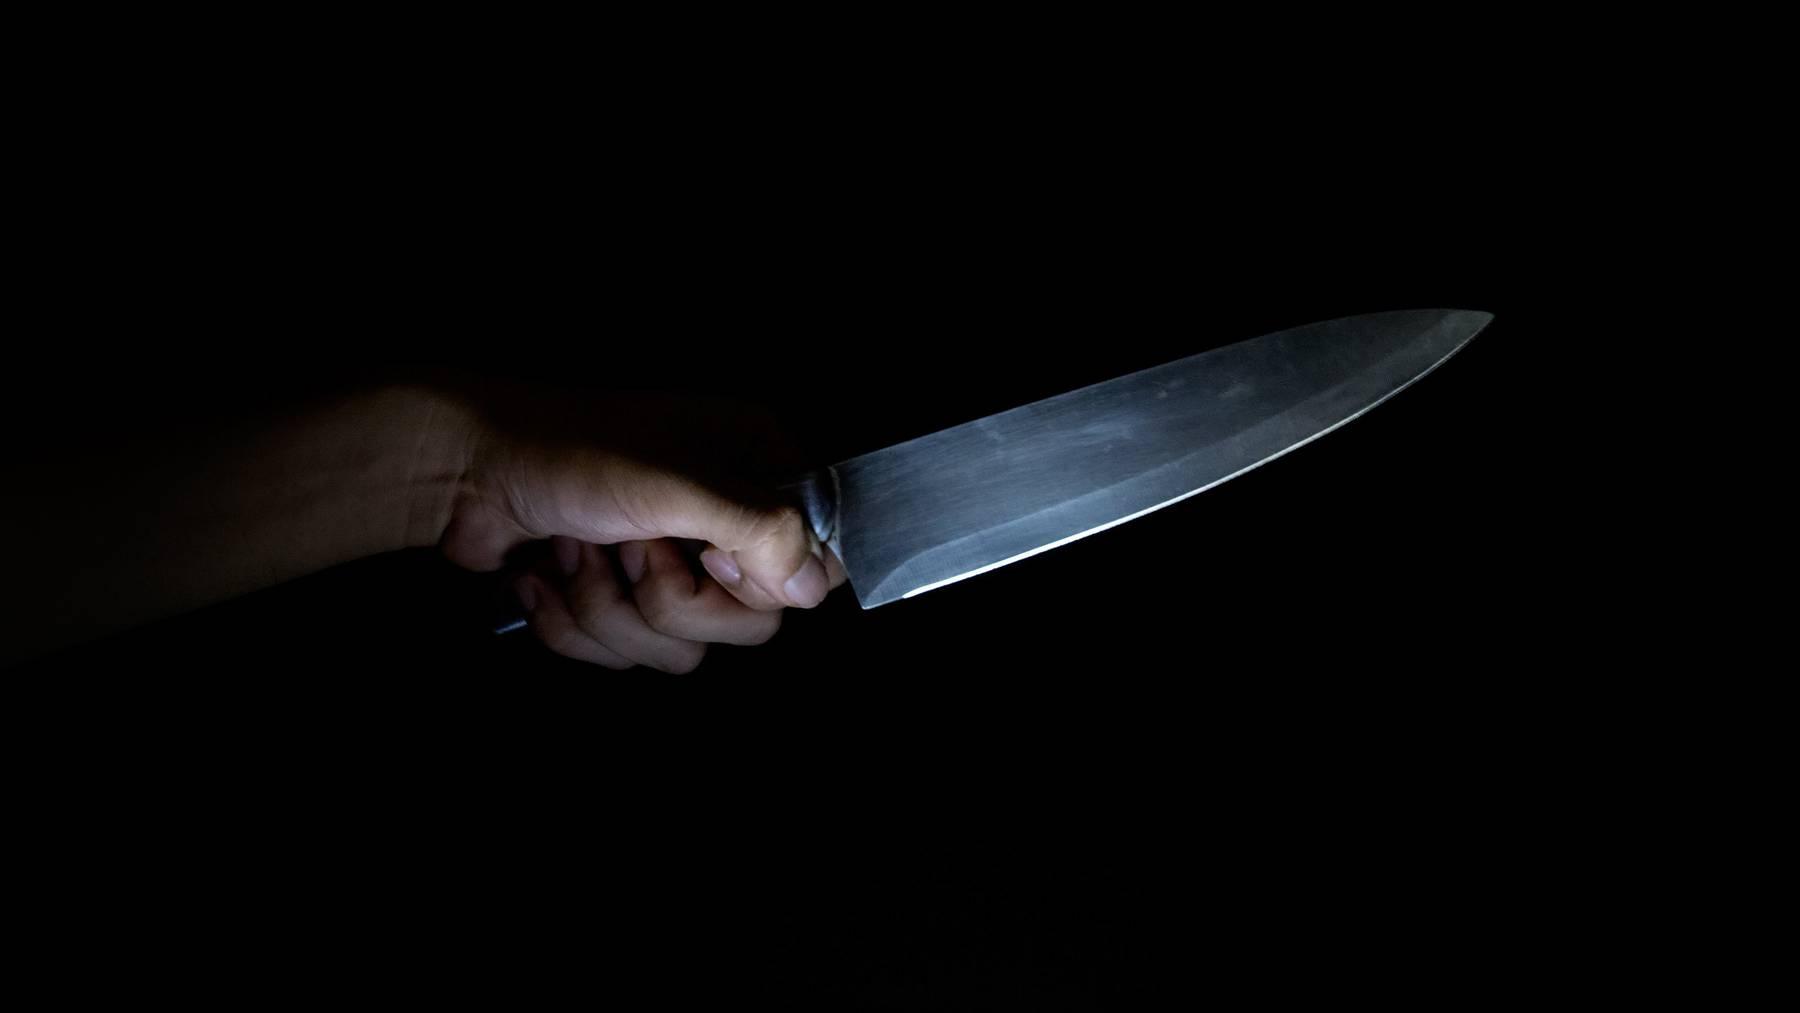 Aus Eifersucht rammte eine junge Frau ihrem Freund ein Küchenmesser in den Rücken. (Symbolbild)